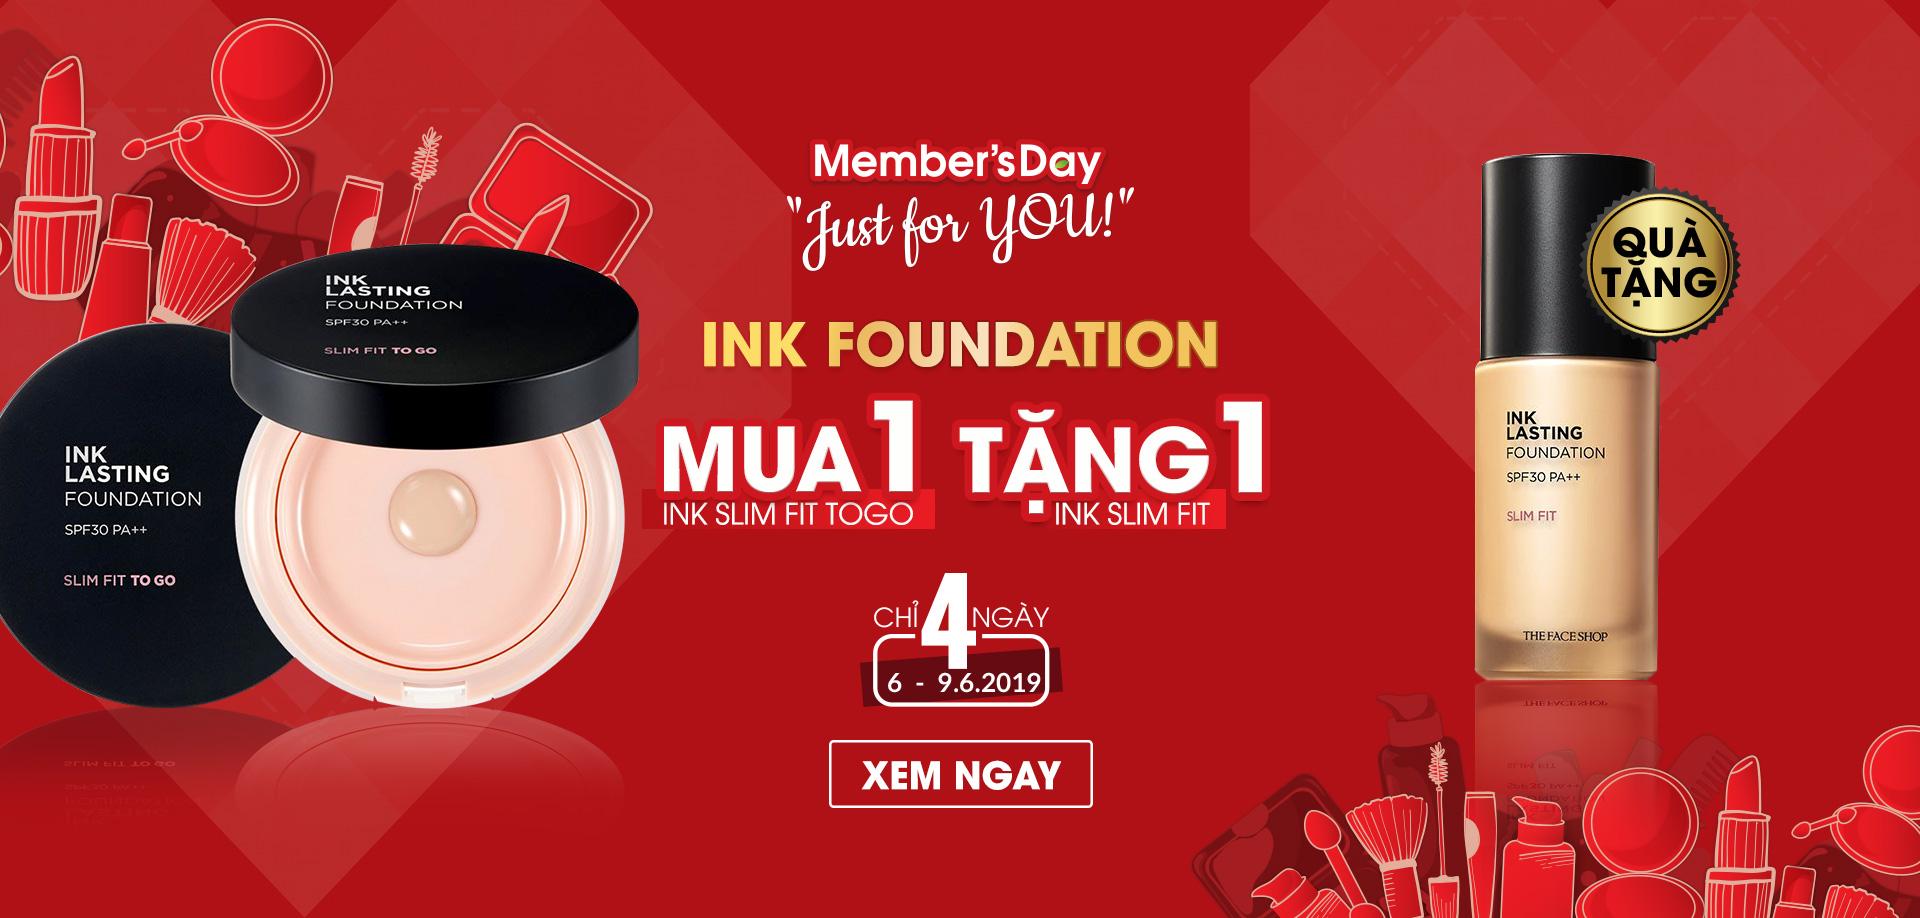 MUA INK FOUNDATION NHẬN NGAY QUÀ TẶNG #599k